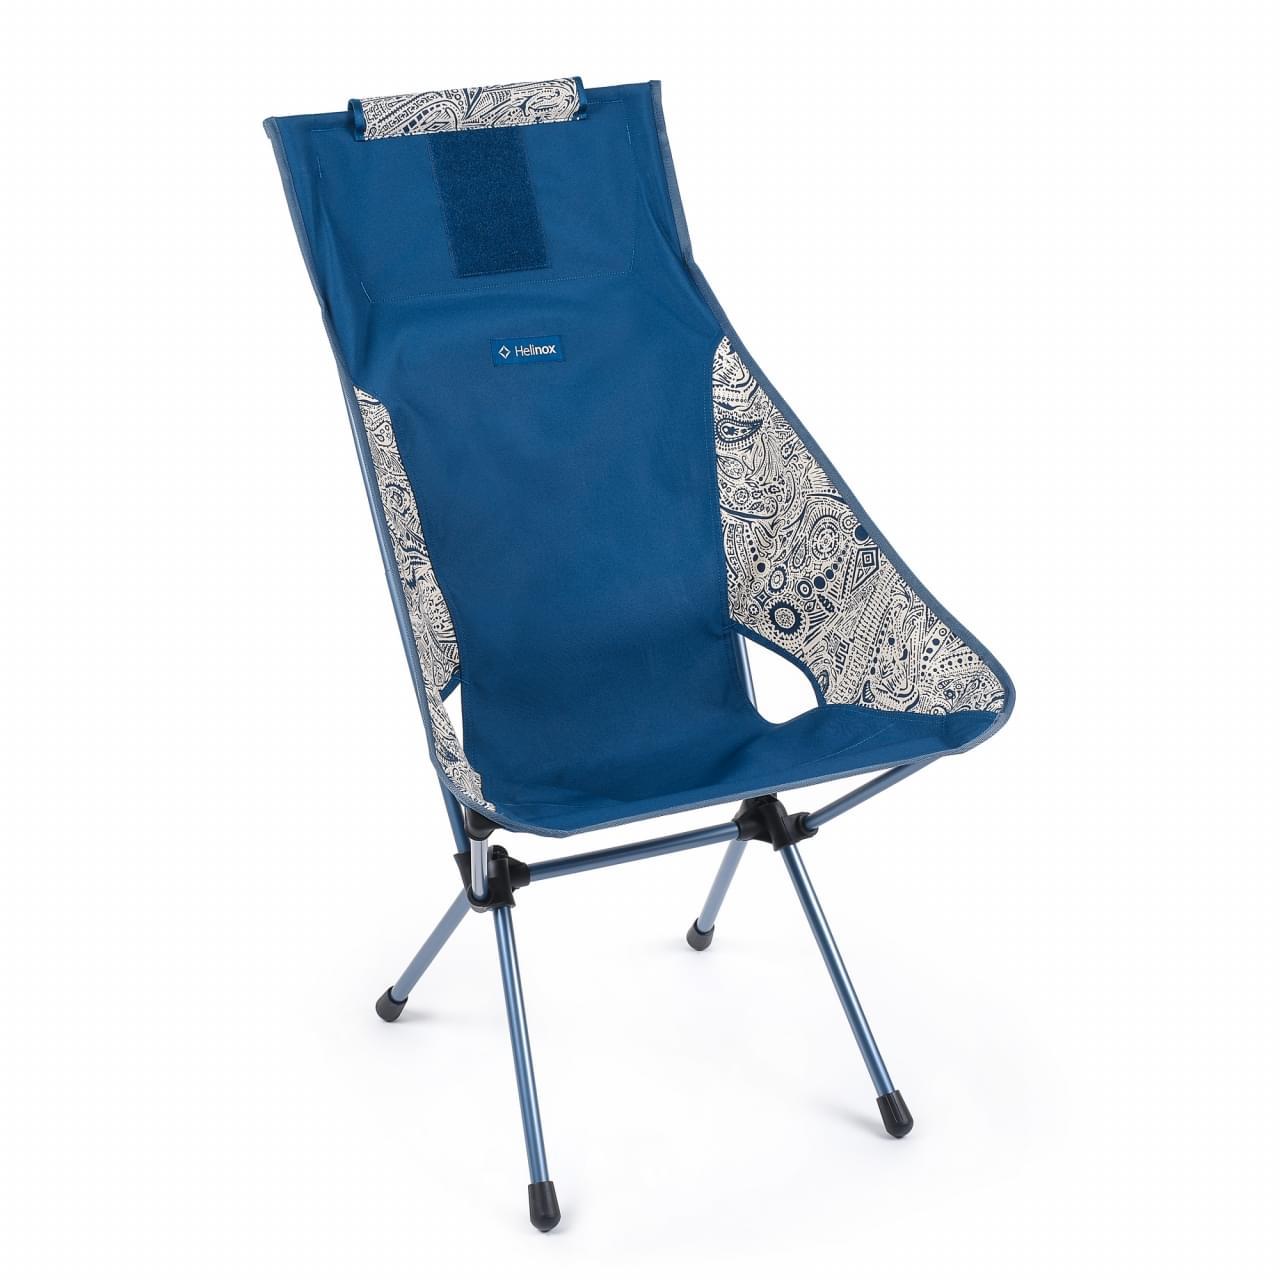 Helinox Sunset Chair Lichtgewicht Stoel Blauw